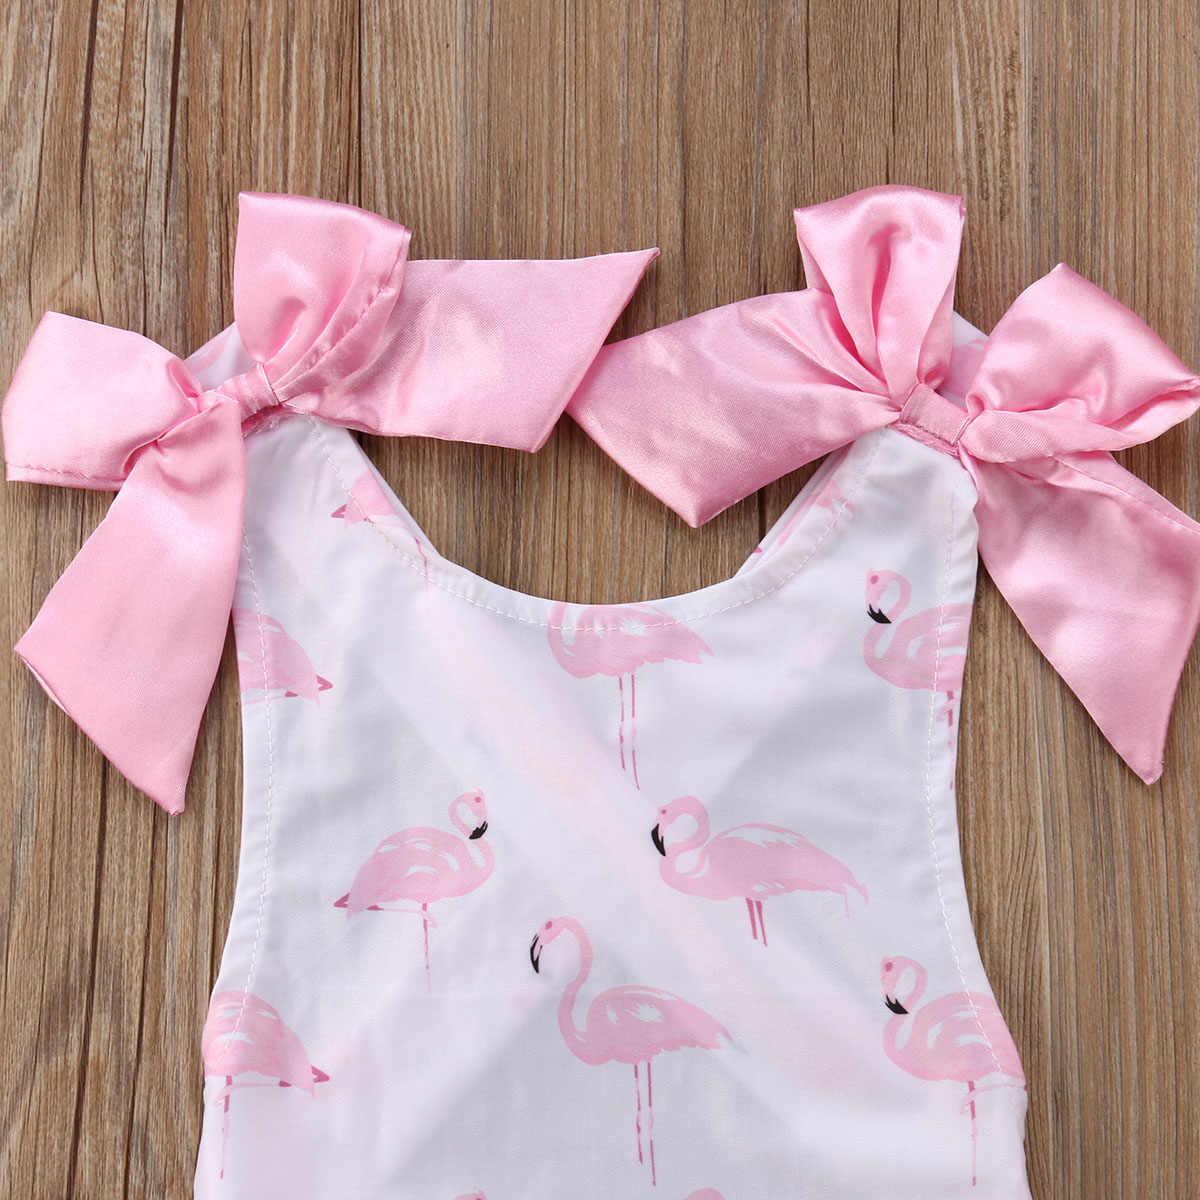 Купальный костюм для маленьких девочек, купальник с фламинго, цельное пляжное бикини